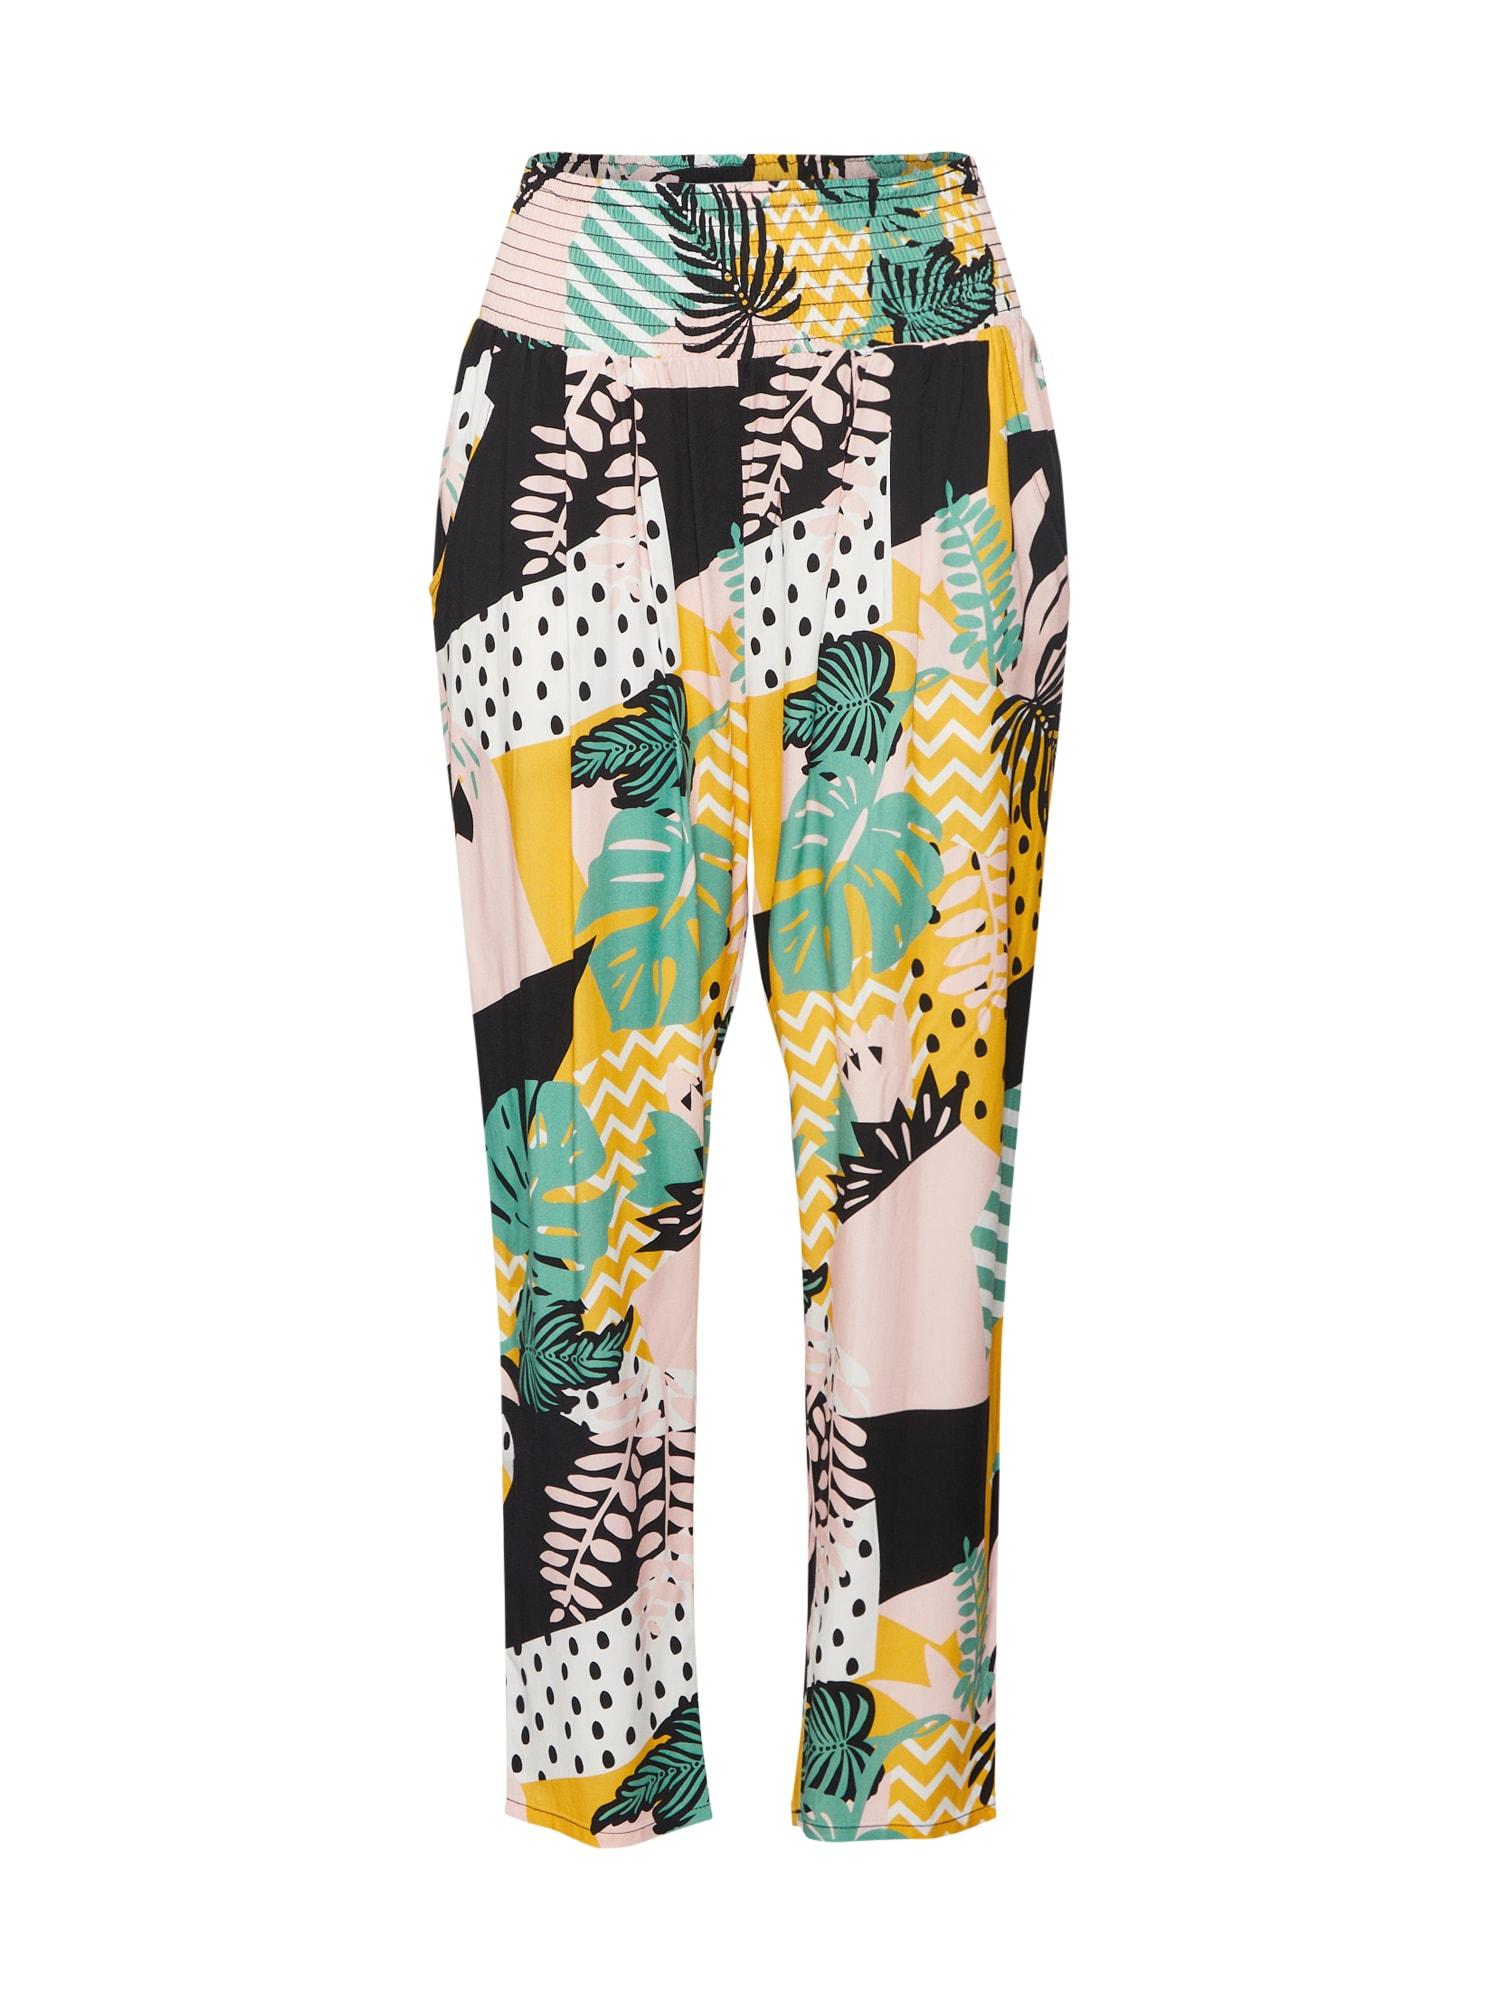 Kalhoty daydream streetlife pants žlutá zelená mix barev Blutsgeschwister